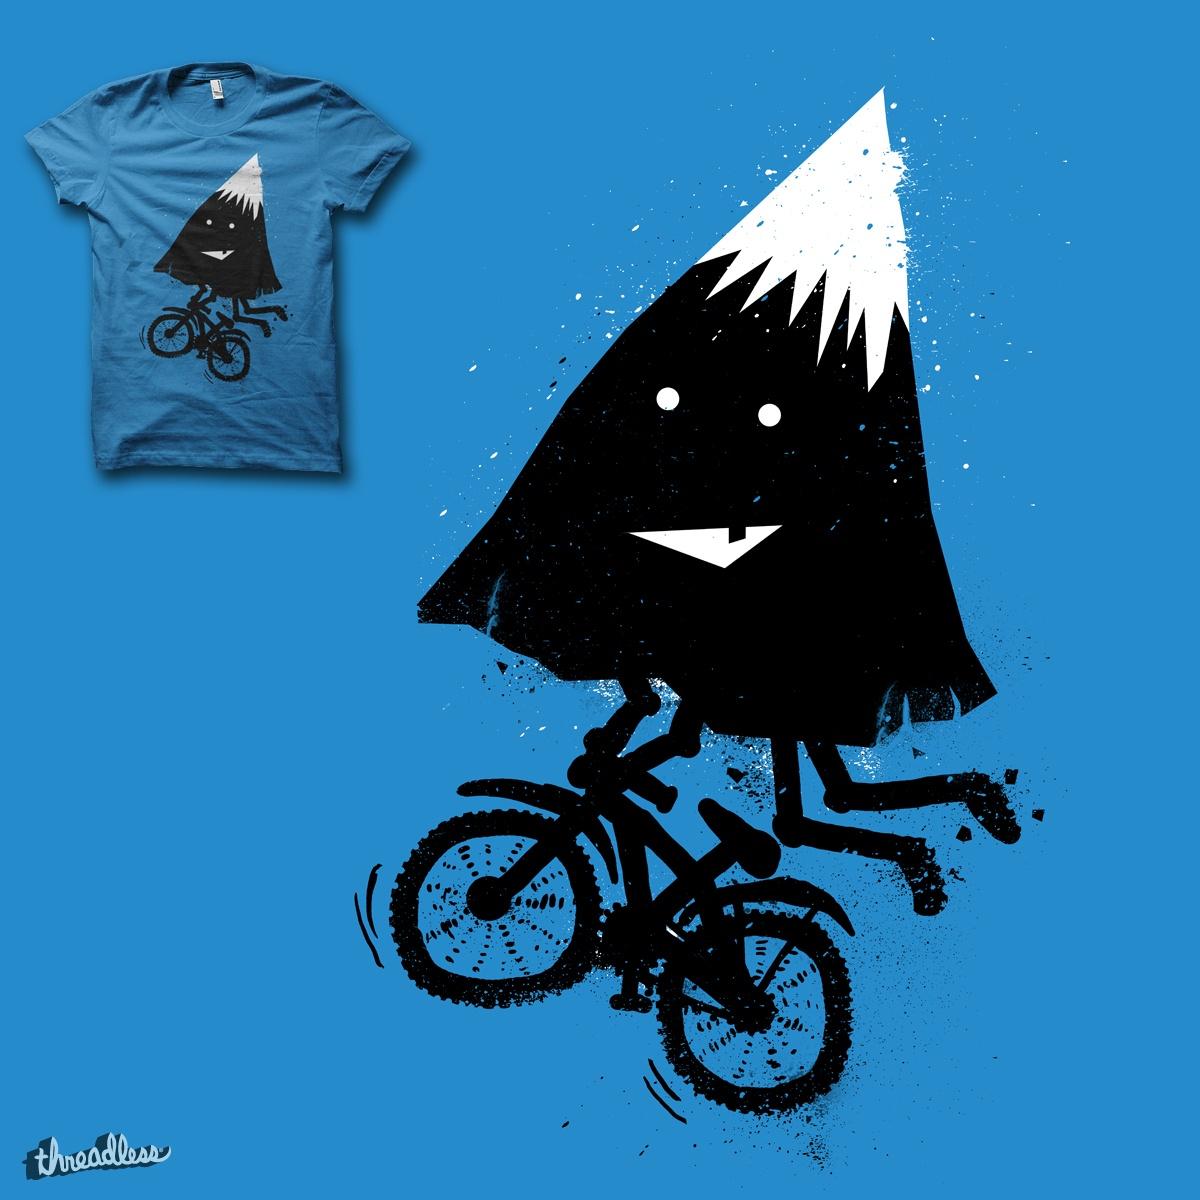 Mountain Biking  by biotwist on Threadless